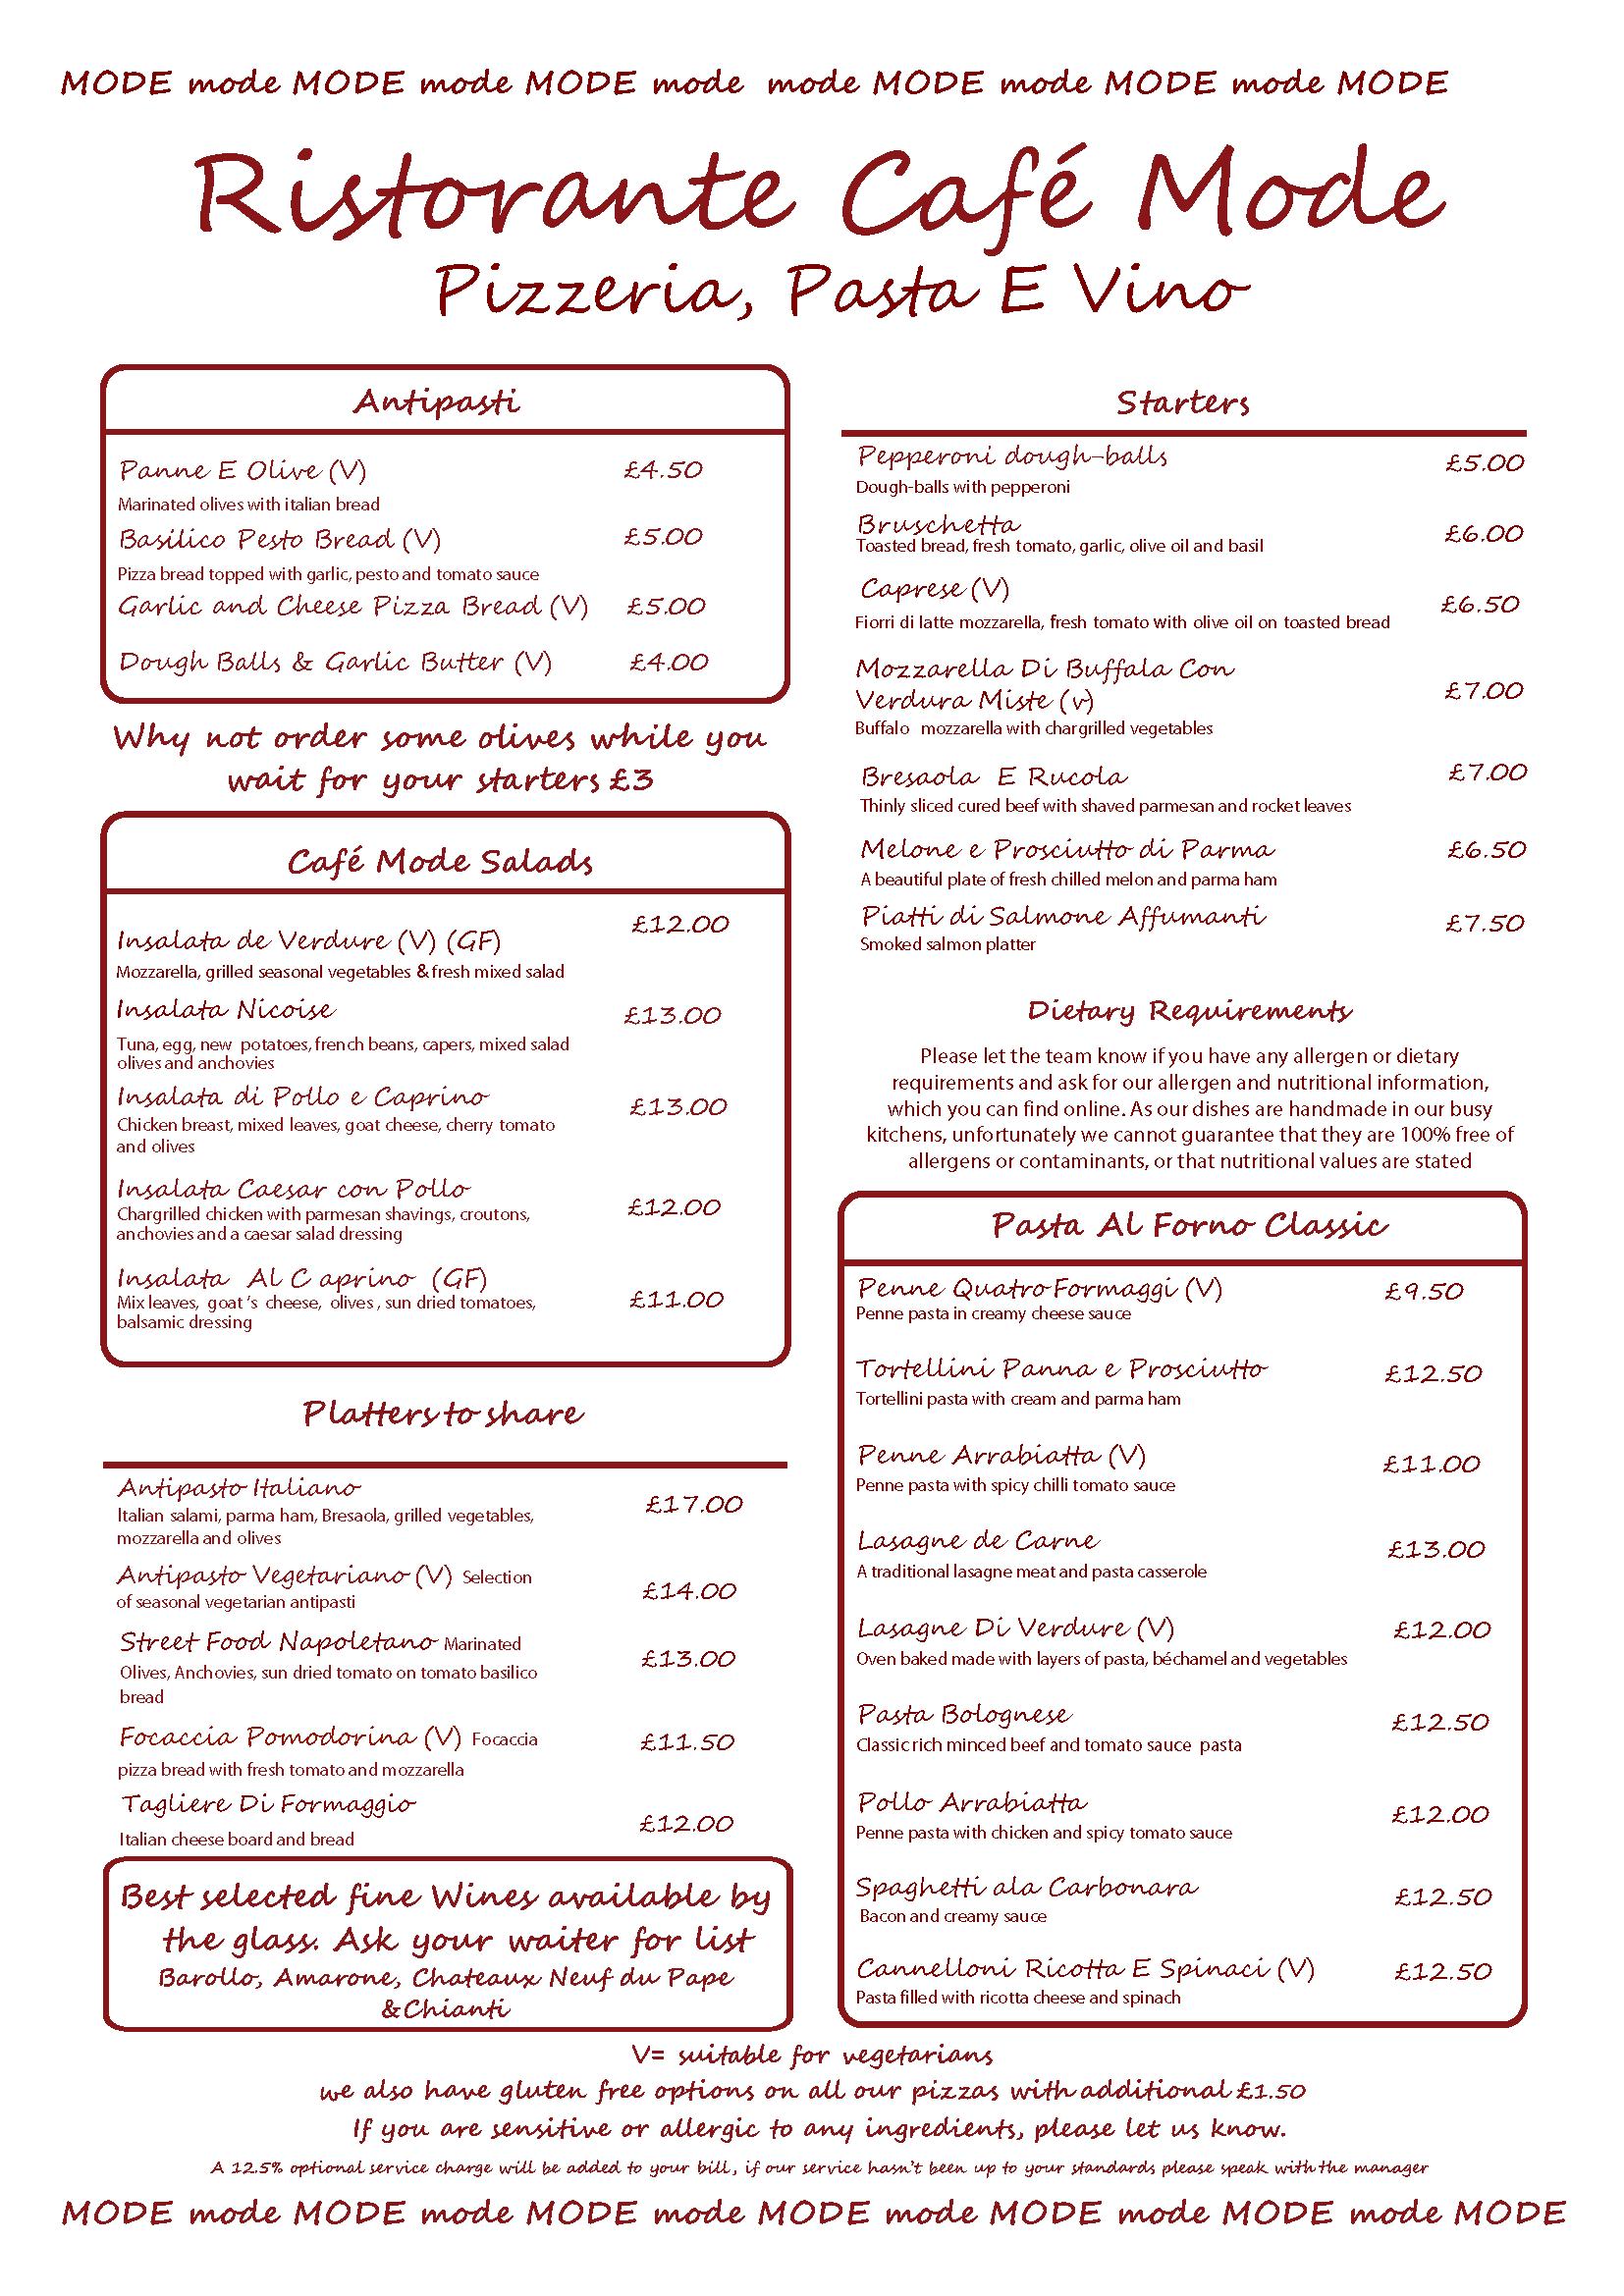 Cafe mode food menu